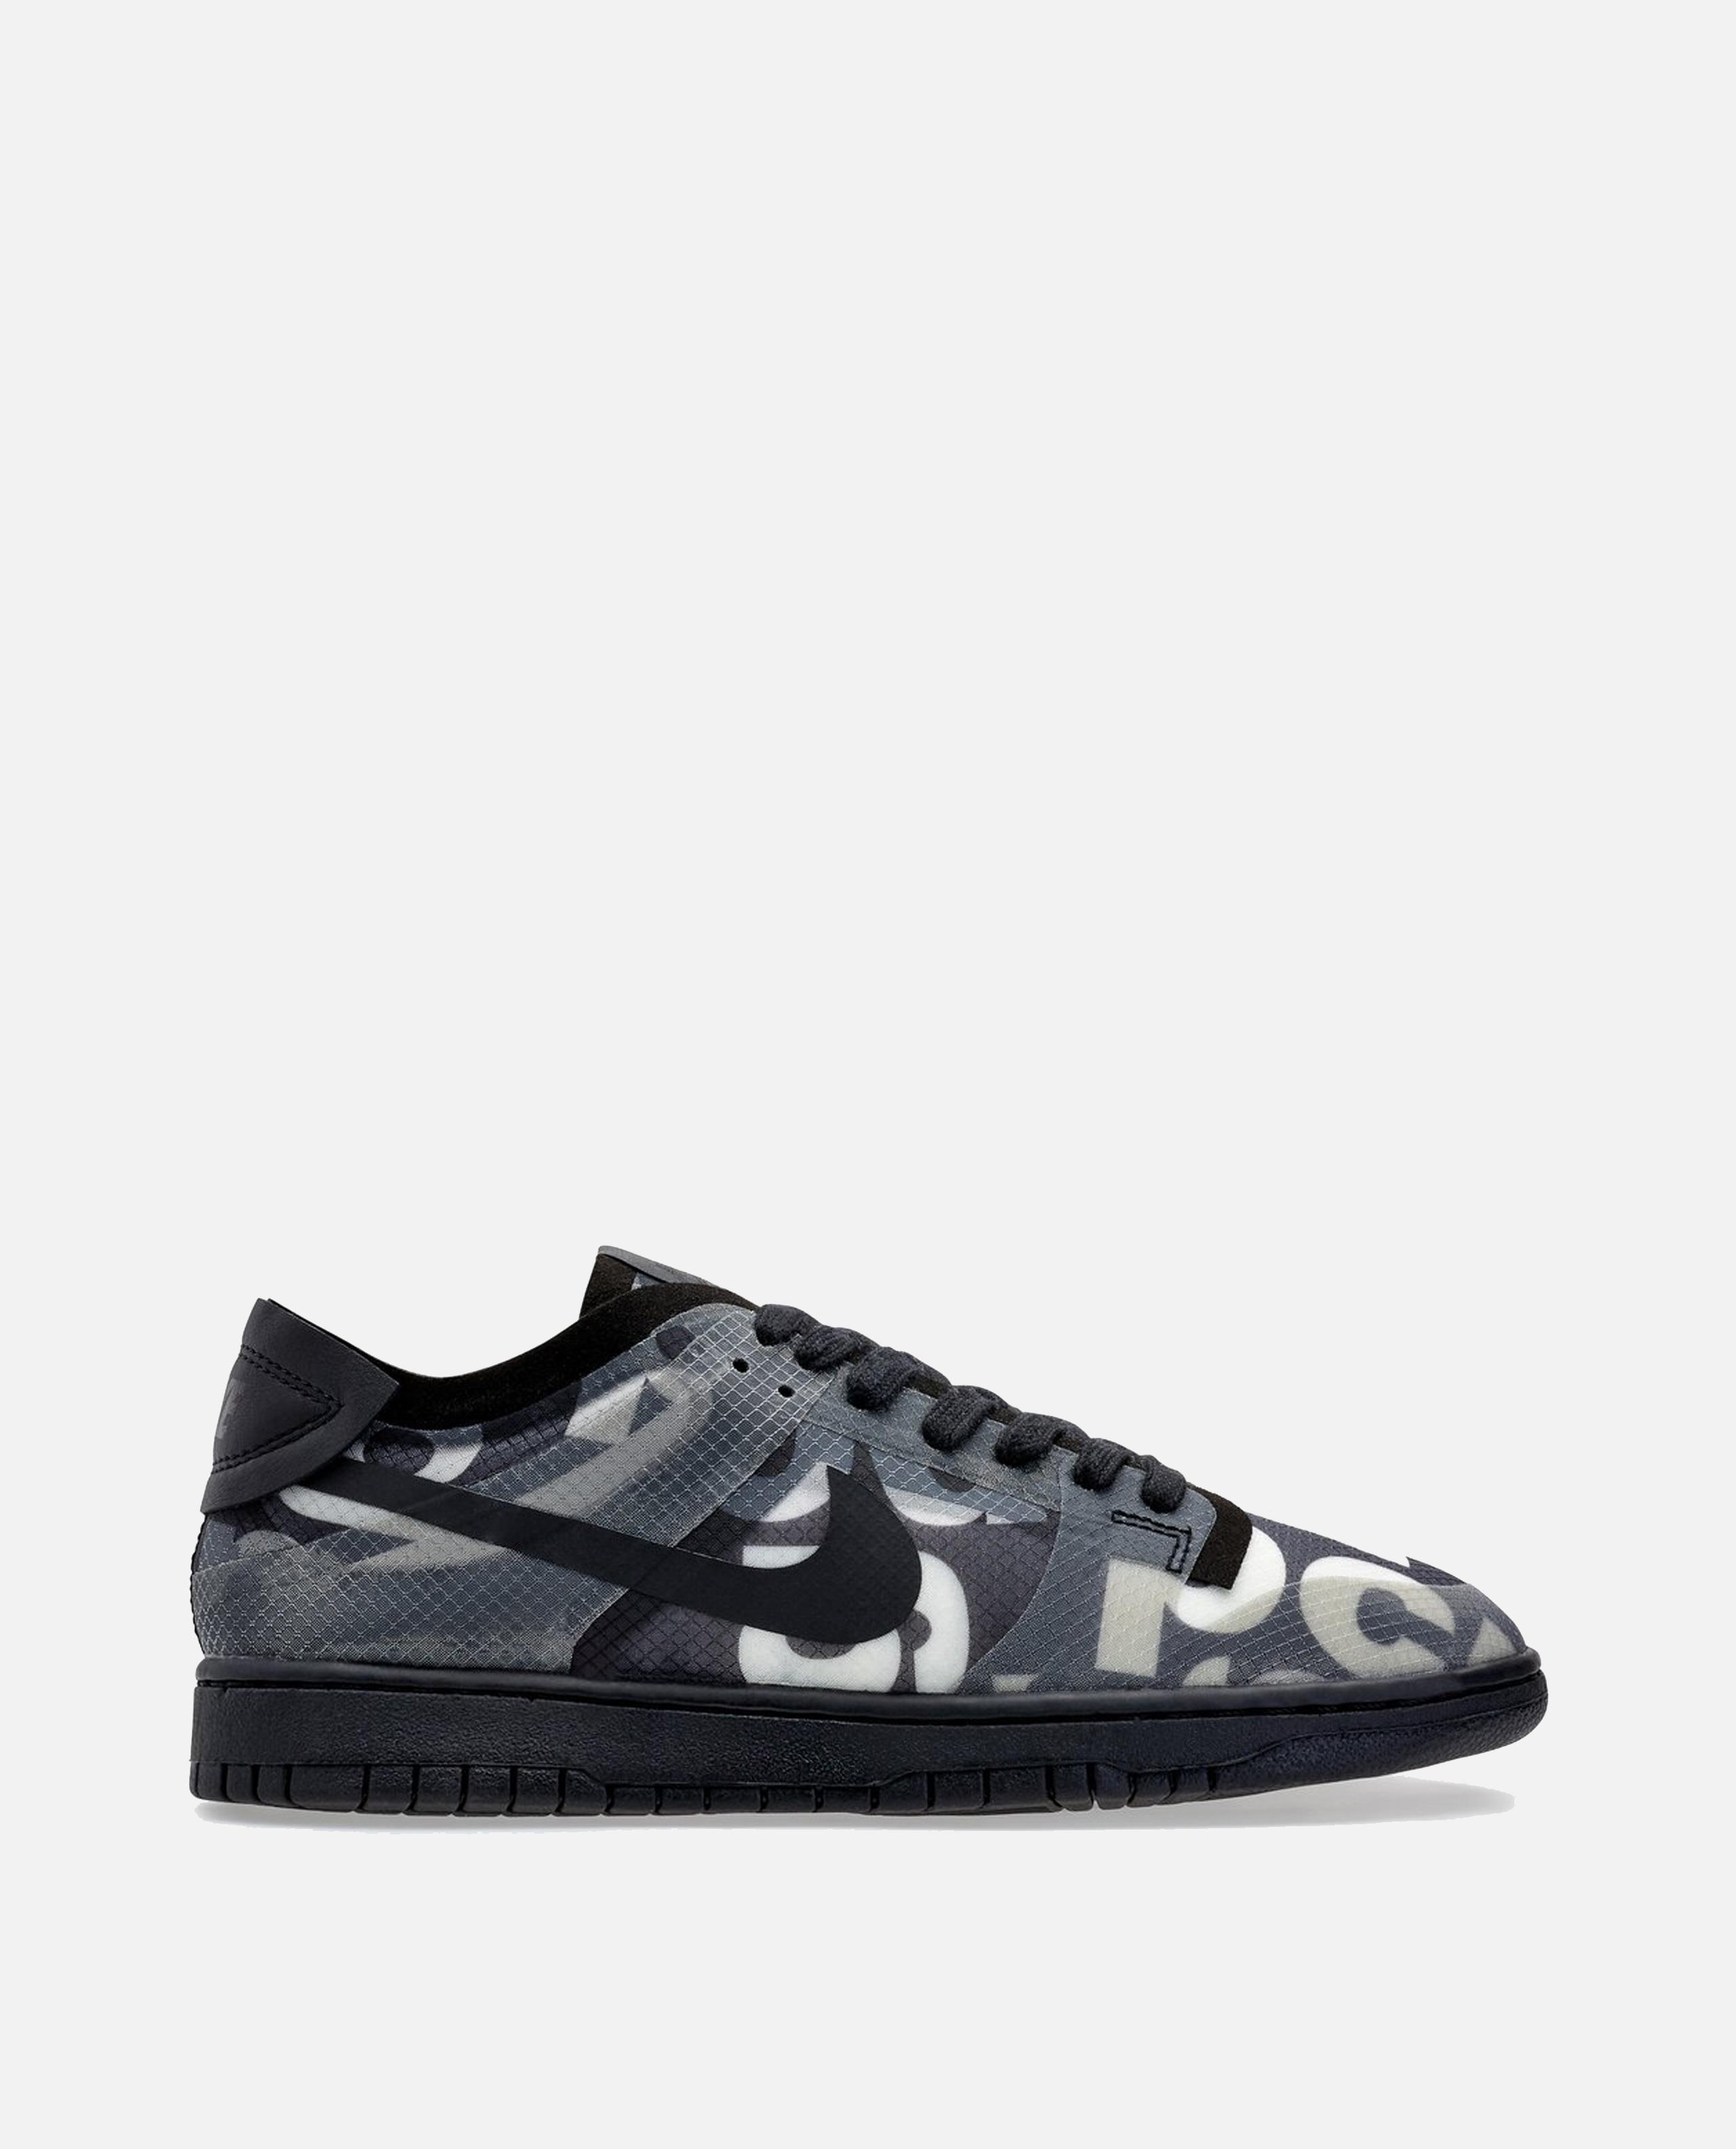 COMME des GARCONS's Nike Dunk Low